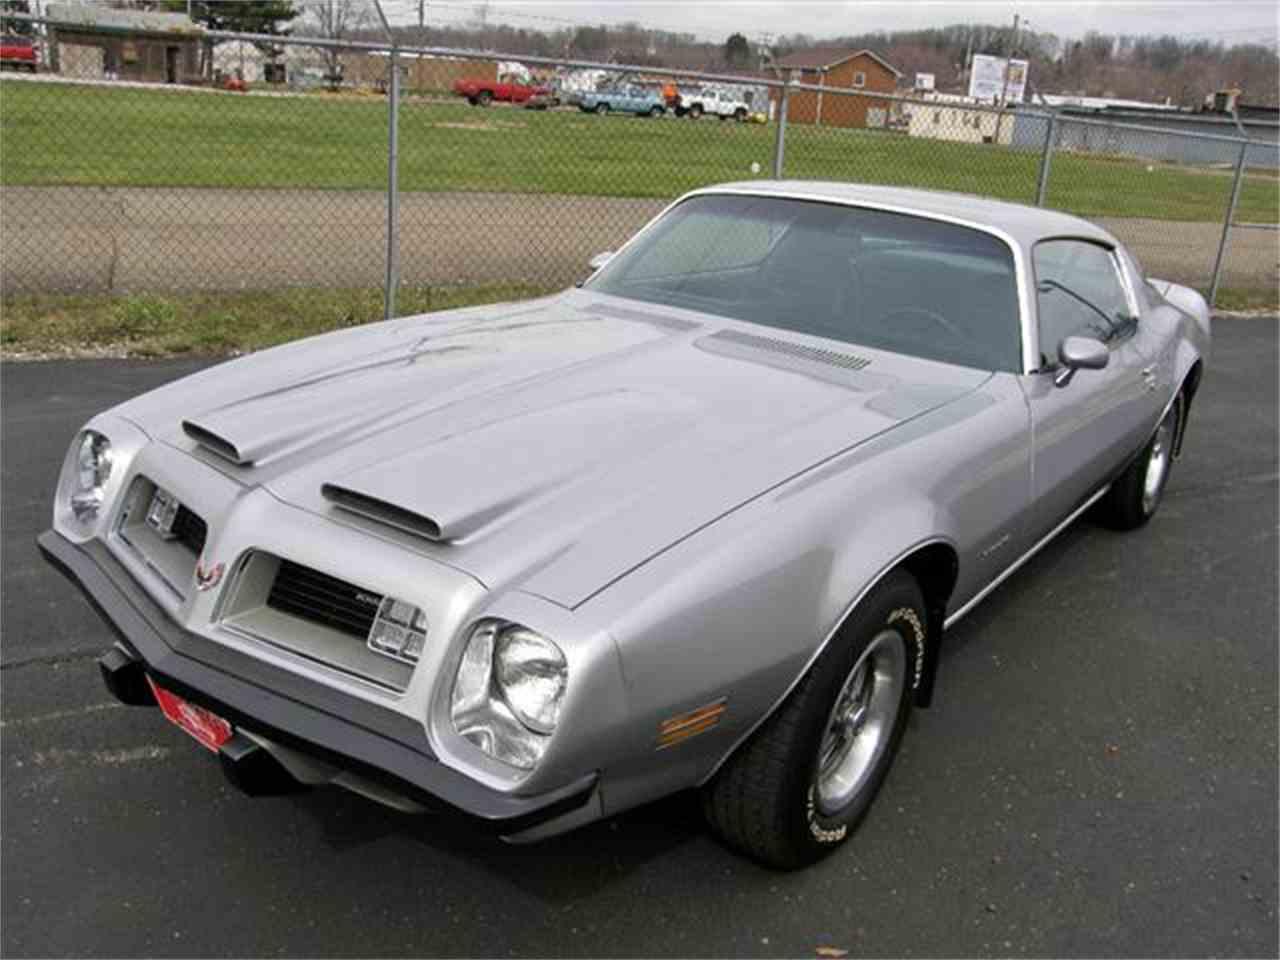 Pontiac Formula 4551973 Firebird 455 Ram Air Resto 1975 Trans Am For Sale Classiccars Com Cc 943481